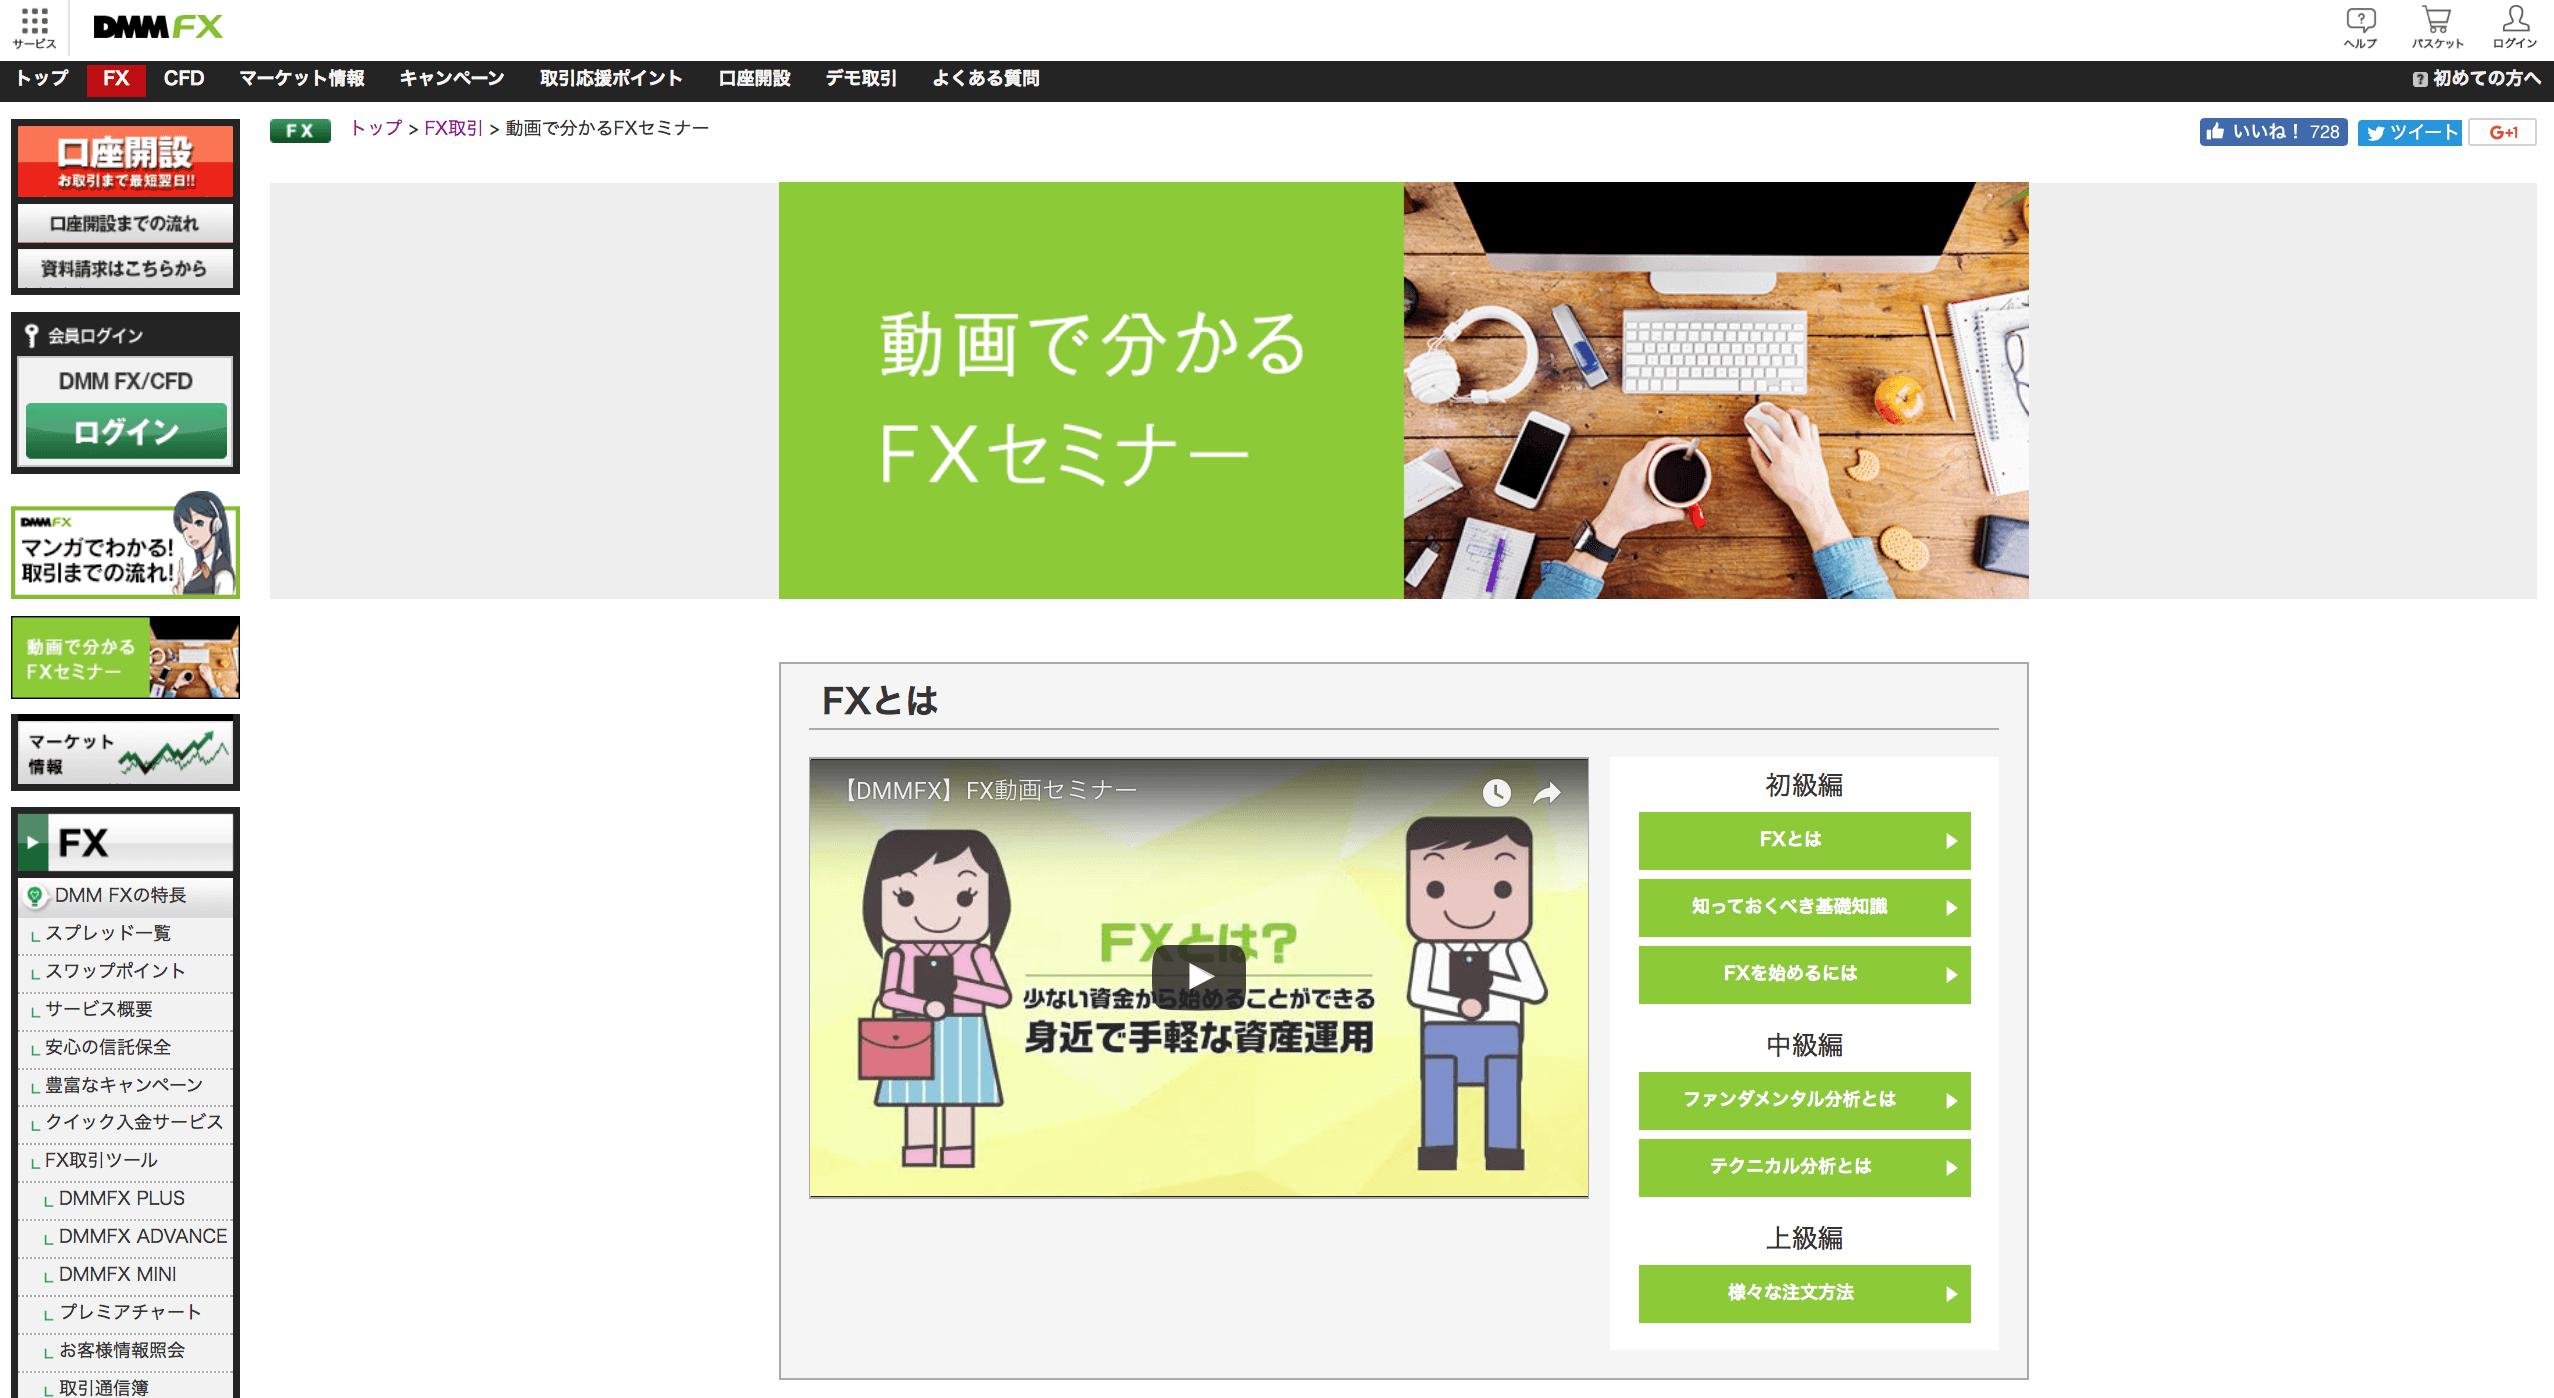 『DMM FX』(オンライン動画セミナー)